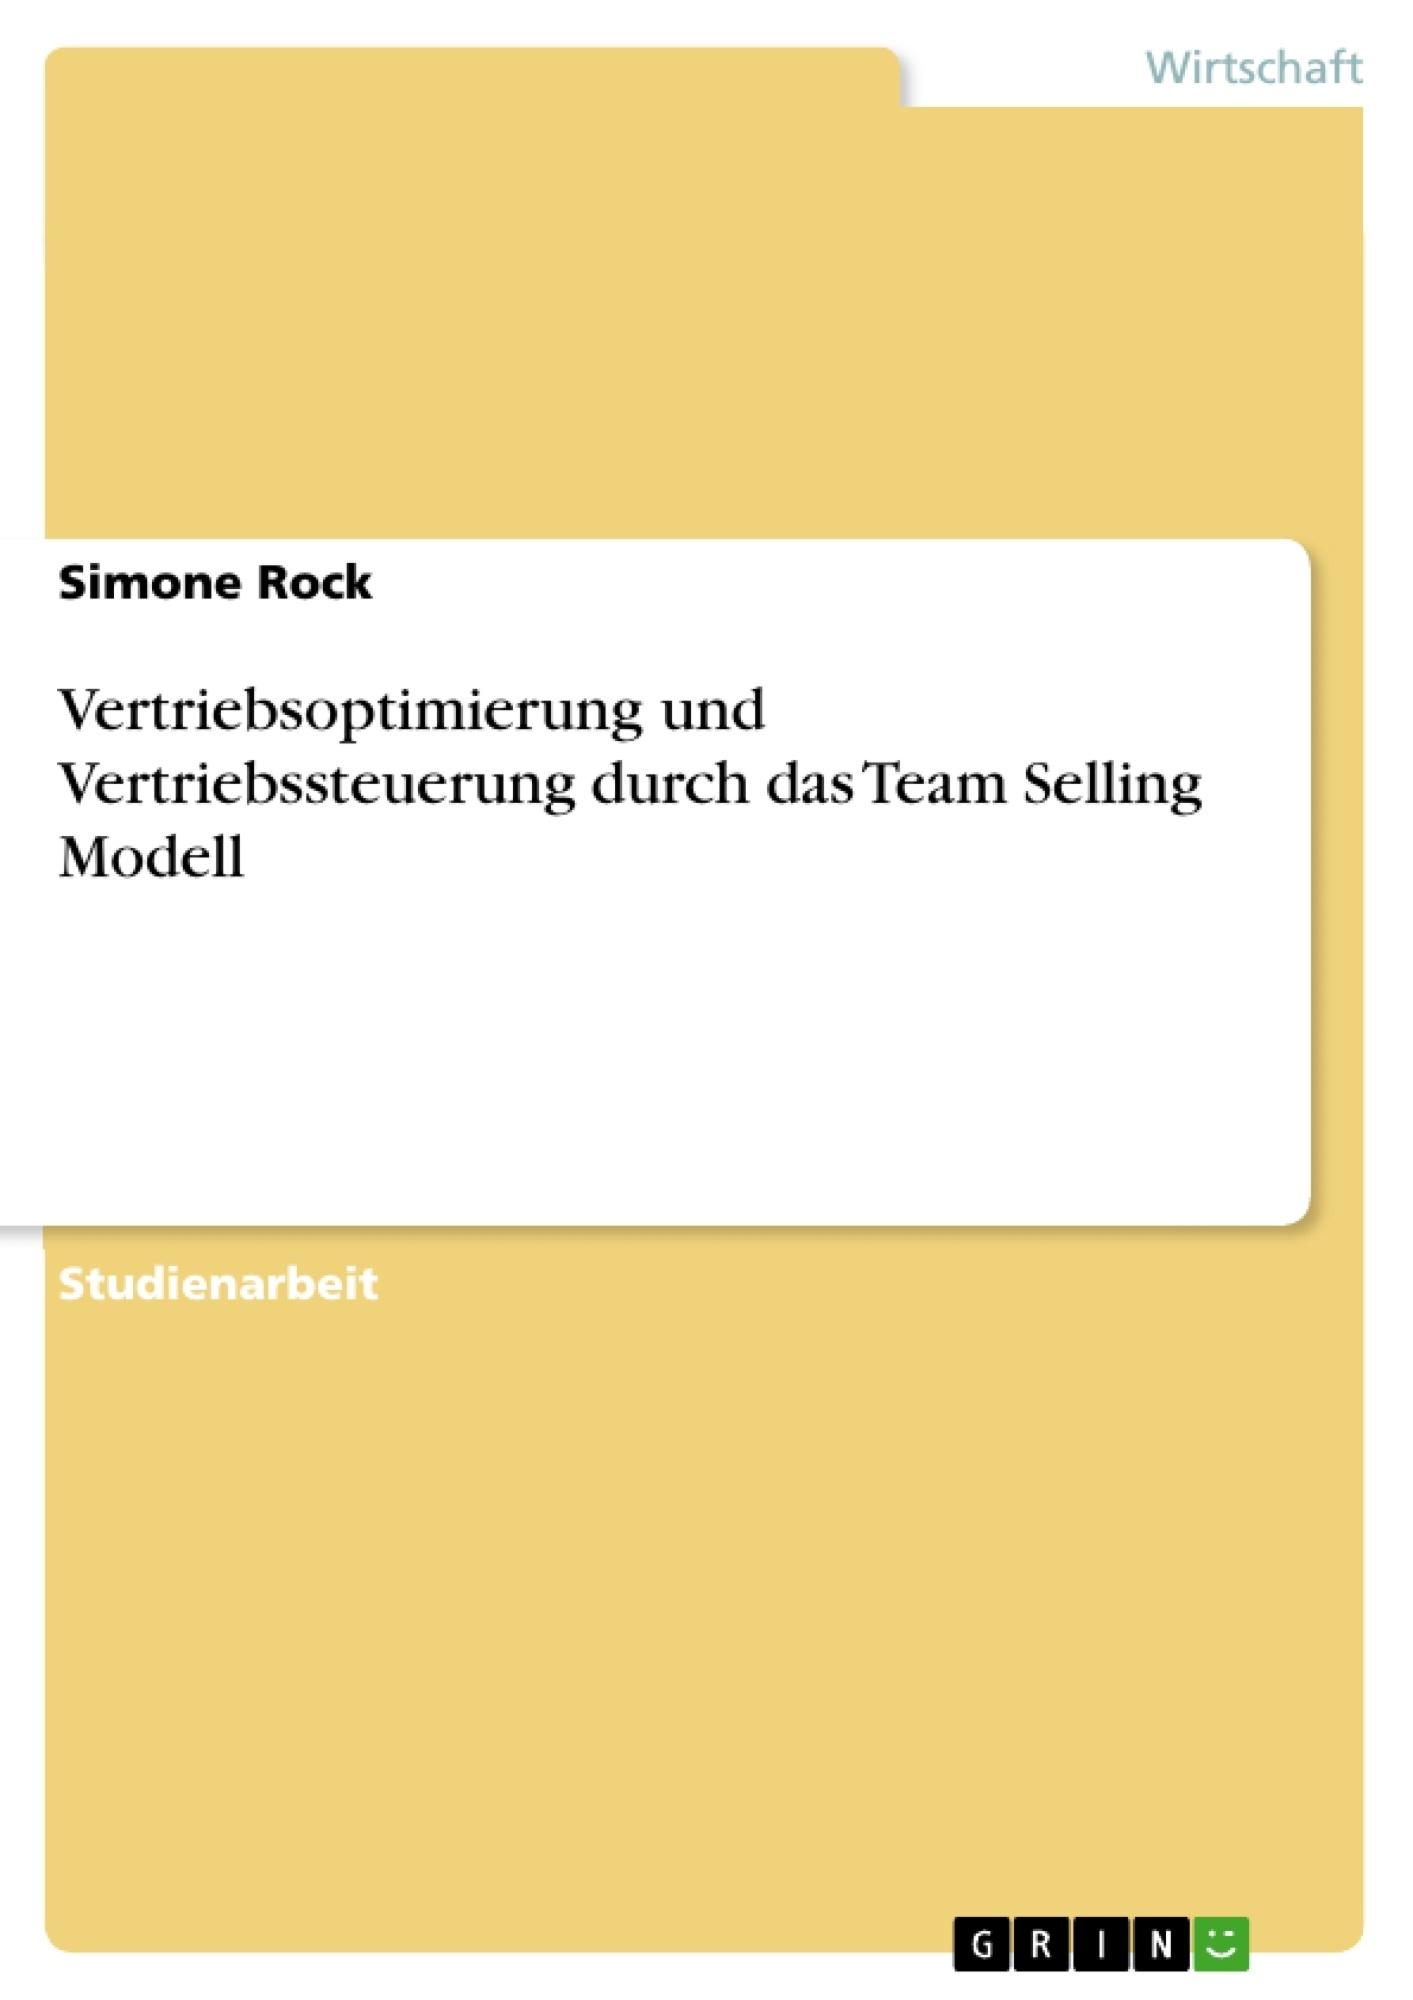 Titel: Vertriebsoptimierung und Vertriebssteuerung durch das Team Selling Modell